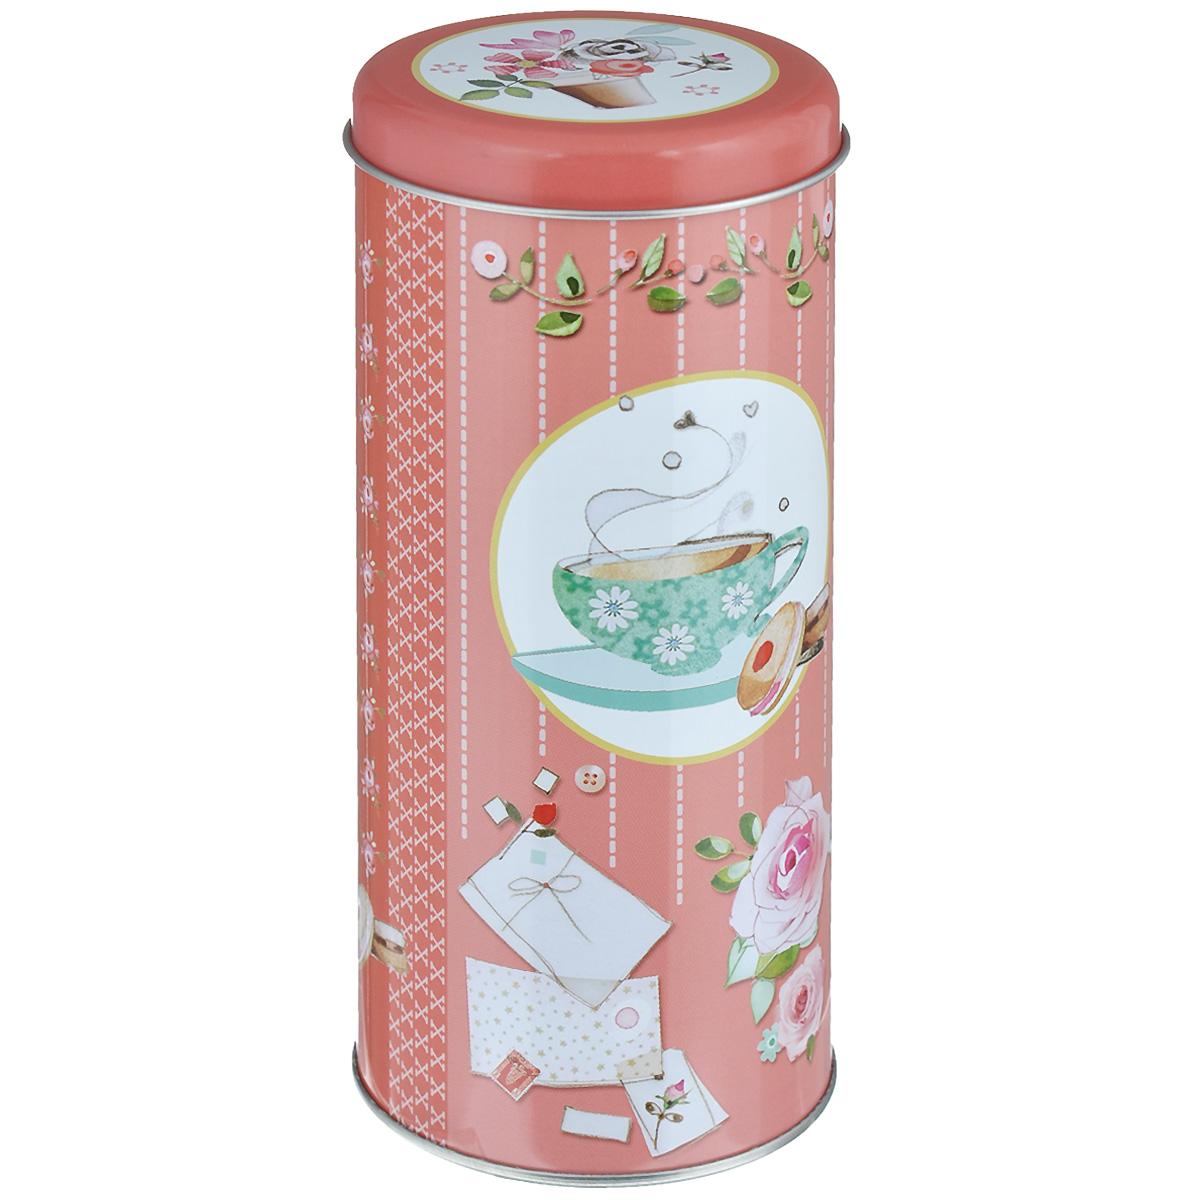 Банка для сыпучих продуктов Феникс-презент Ромашковый чай, 800 мл37625Банка для сыпучих продуктов Феникс-презент Ромашковый чай, изготовленная из окрашенного черного металла, оформлена ярким рисунком. Банка прекрасно подойдет для хранения различных сыпучих продуктов: специй, чая, кофе, сахара, круп и многого другого. Емкость плотно закрывается крышкой. Благодаря этому она будет дольше сохранять свежесть ваших продуктов. Функциональная и вместительная, такая банка станет незаменимым аксессуаром на любой кухне. Нельзя мыть в посудомоечной машине. Объем банки: 800 мл. Высота банки (без учета крышки): 17,5 см. Диаметр банки (по верхнему краю): 7,5 см.